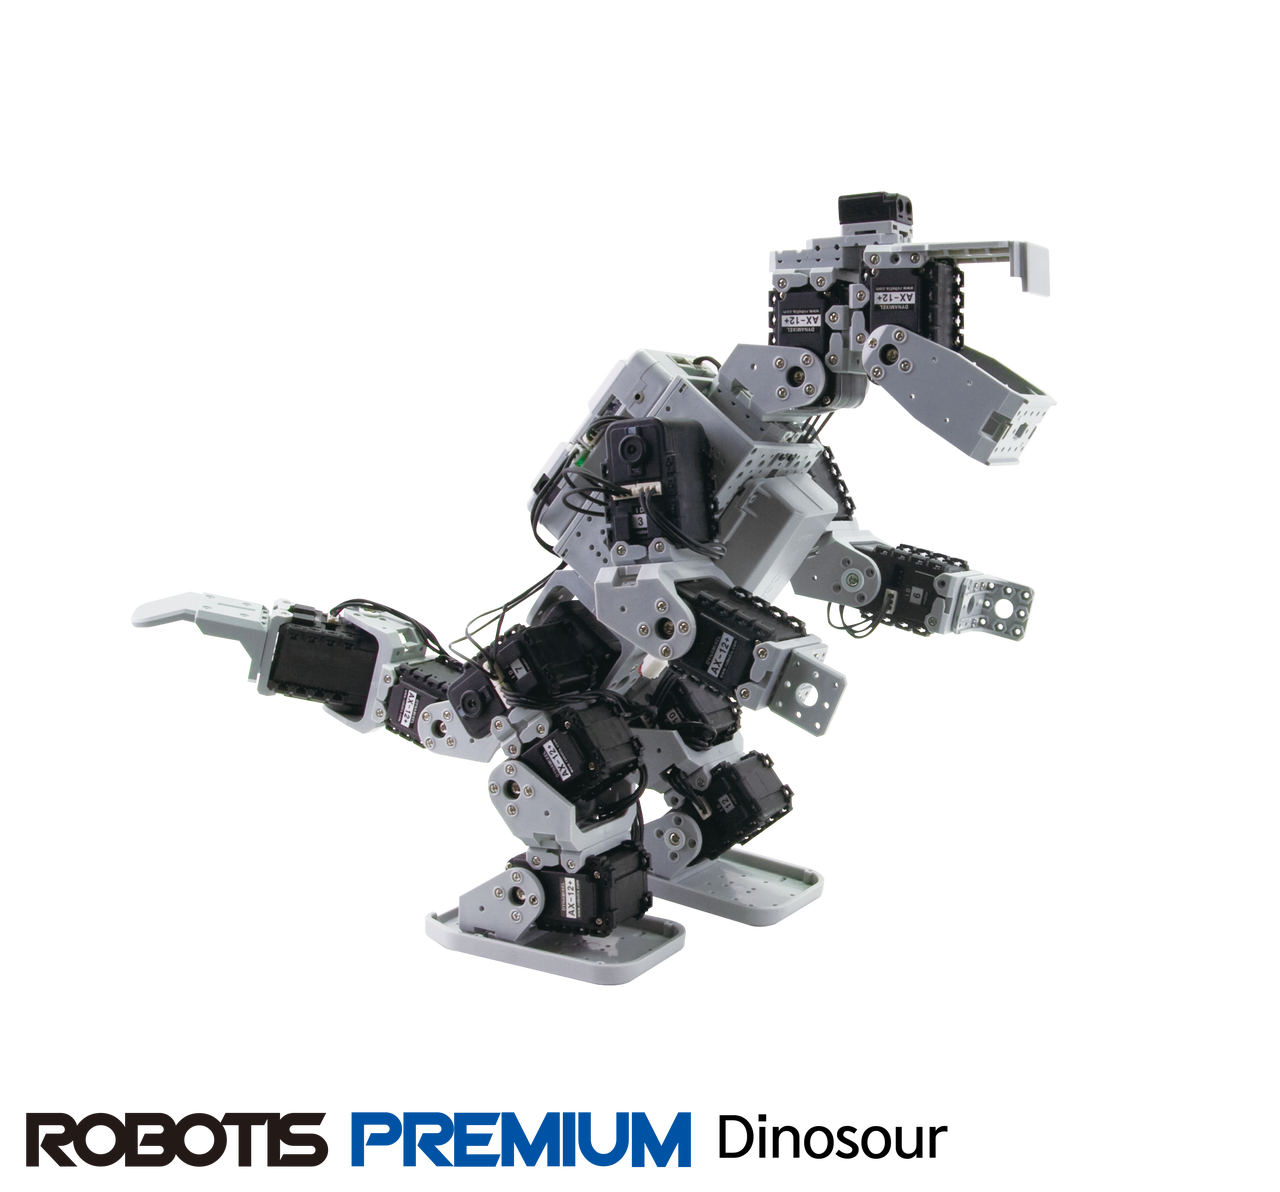 ROBOTIS Premium